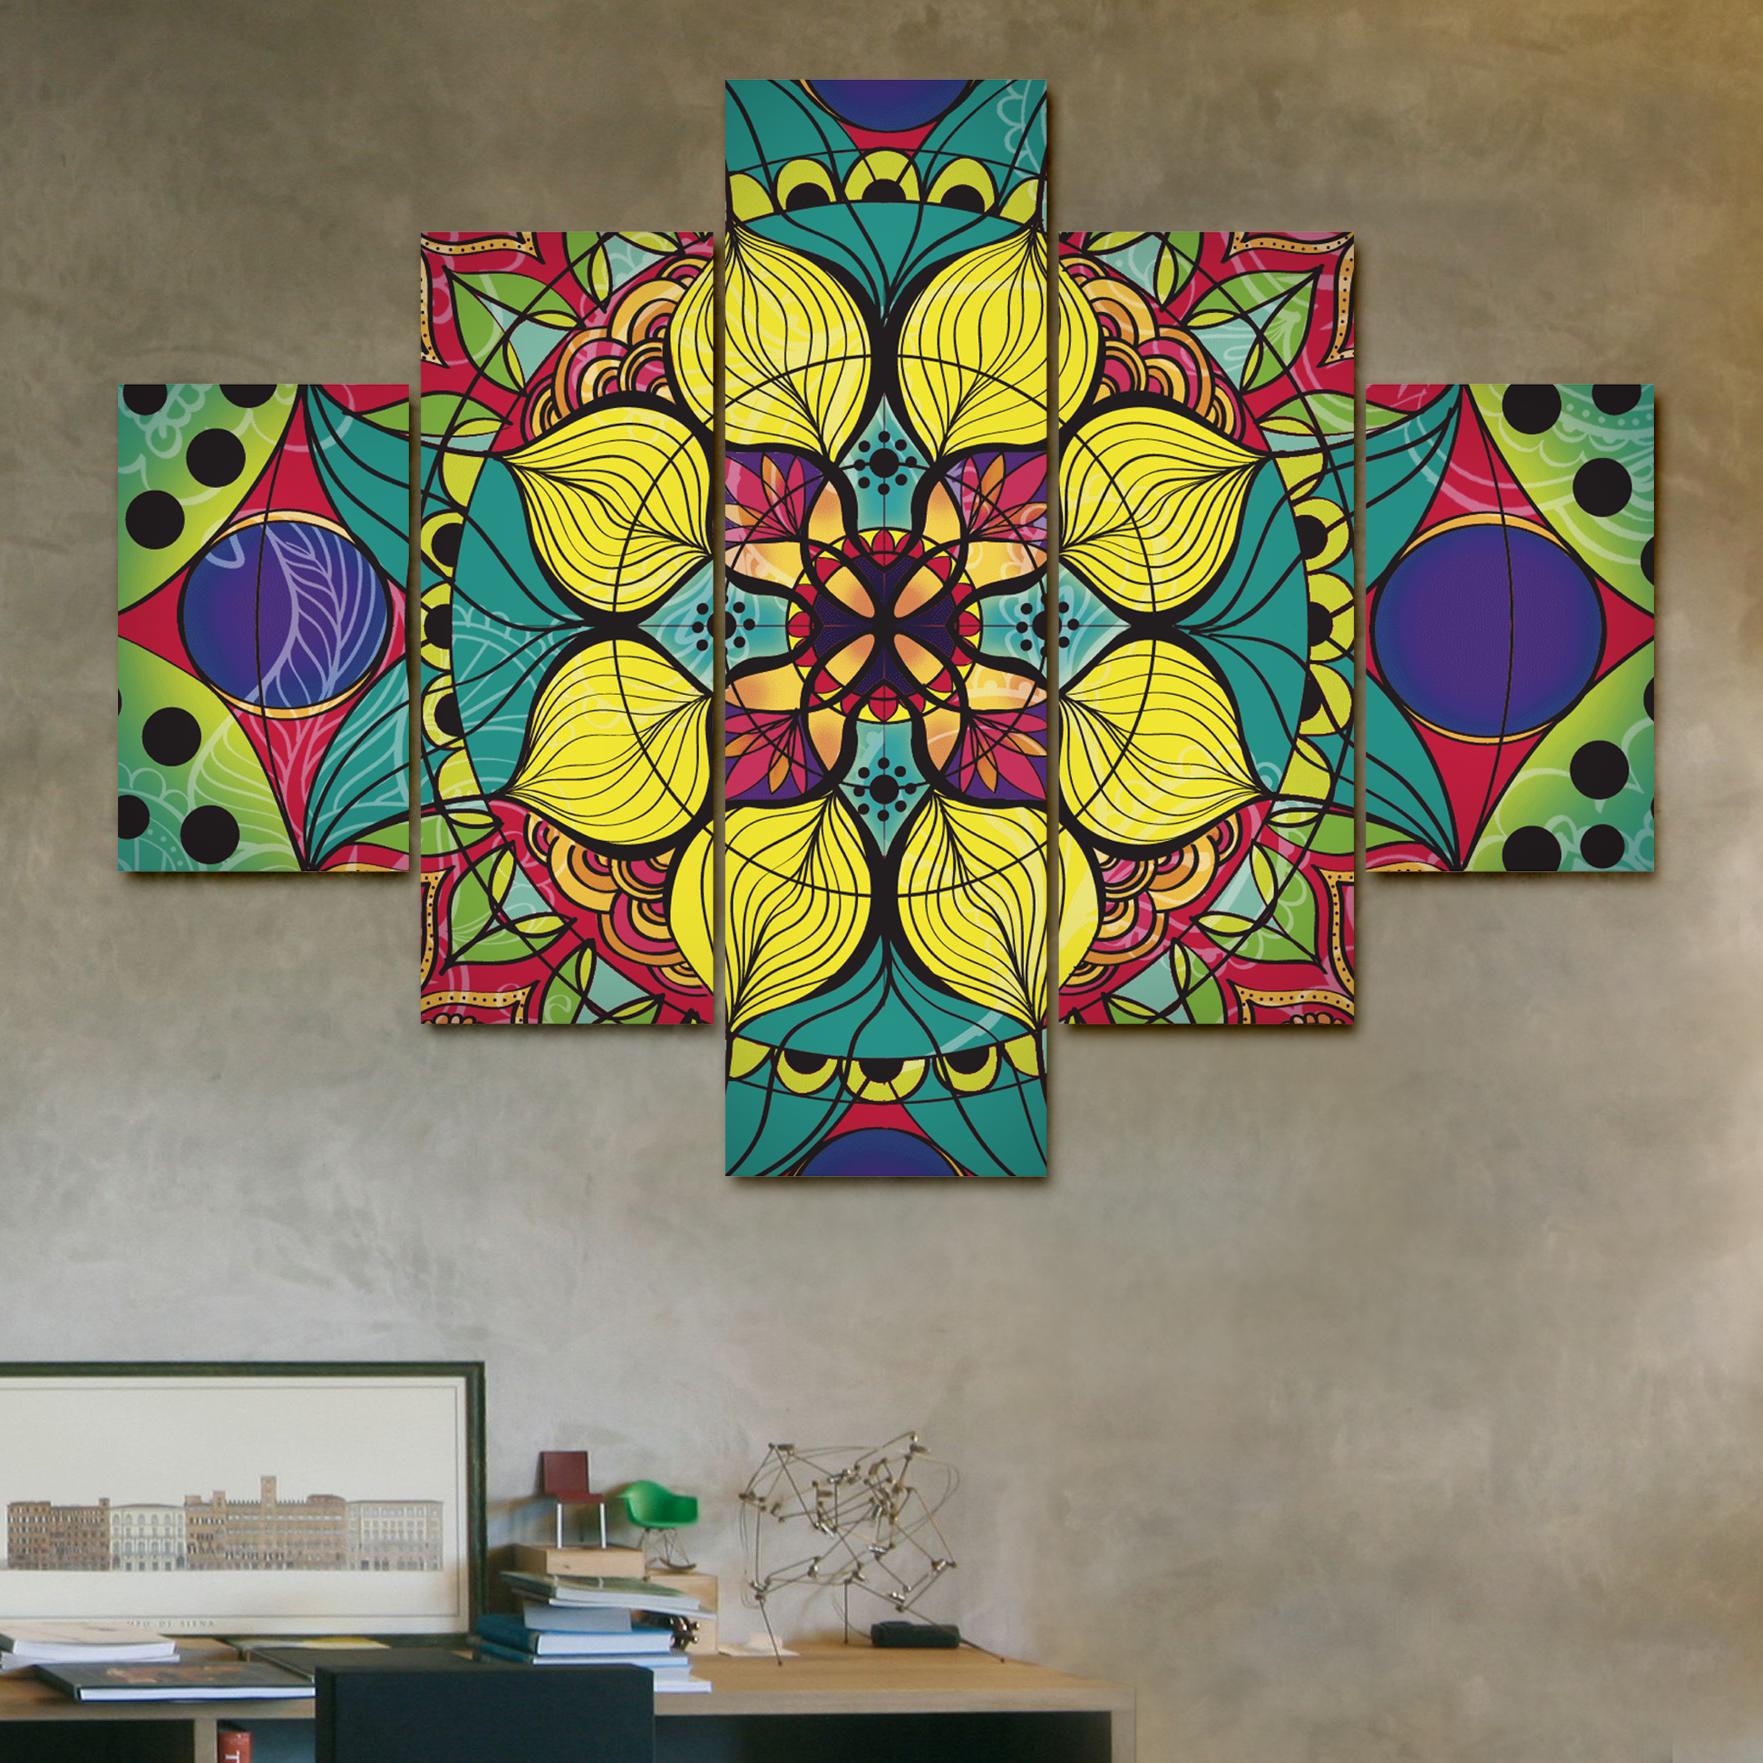 Mandala vitr 110cm x 70cm cuadros decorativos for Donde puedo comprar cuadros decorativos